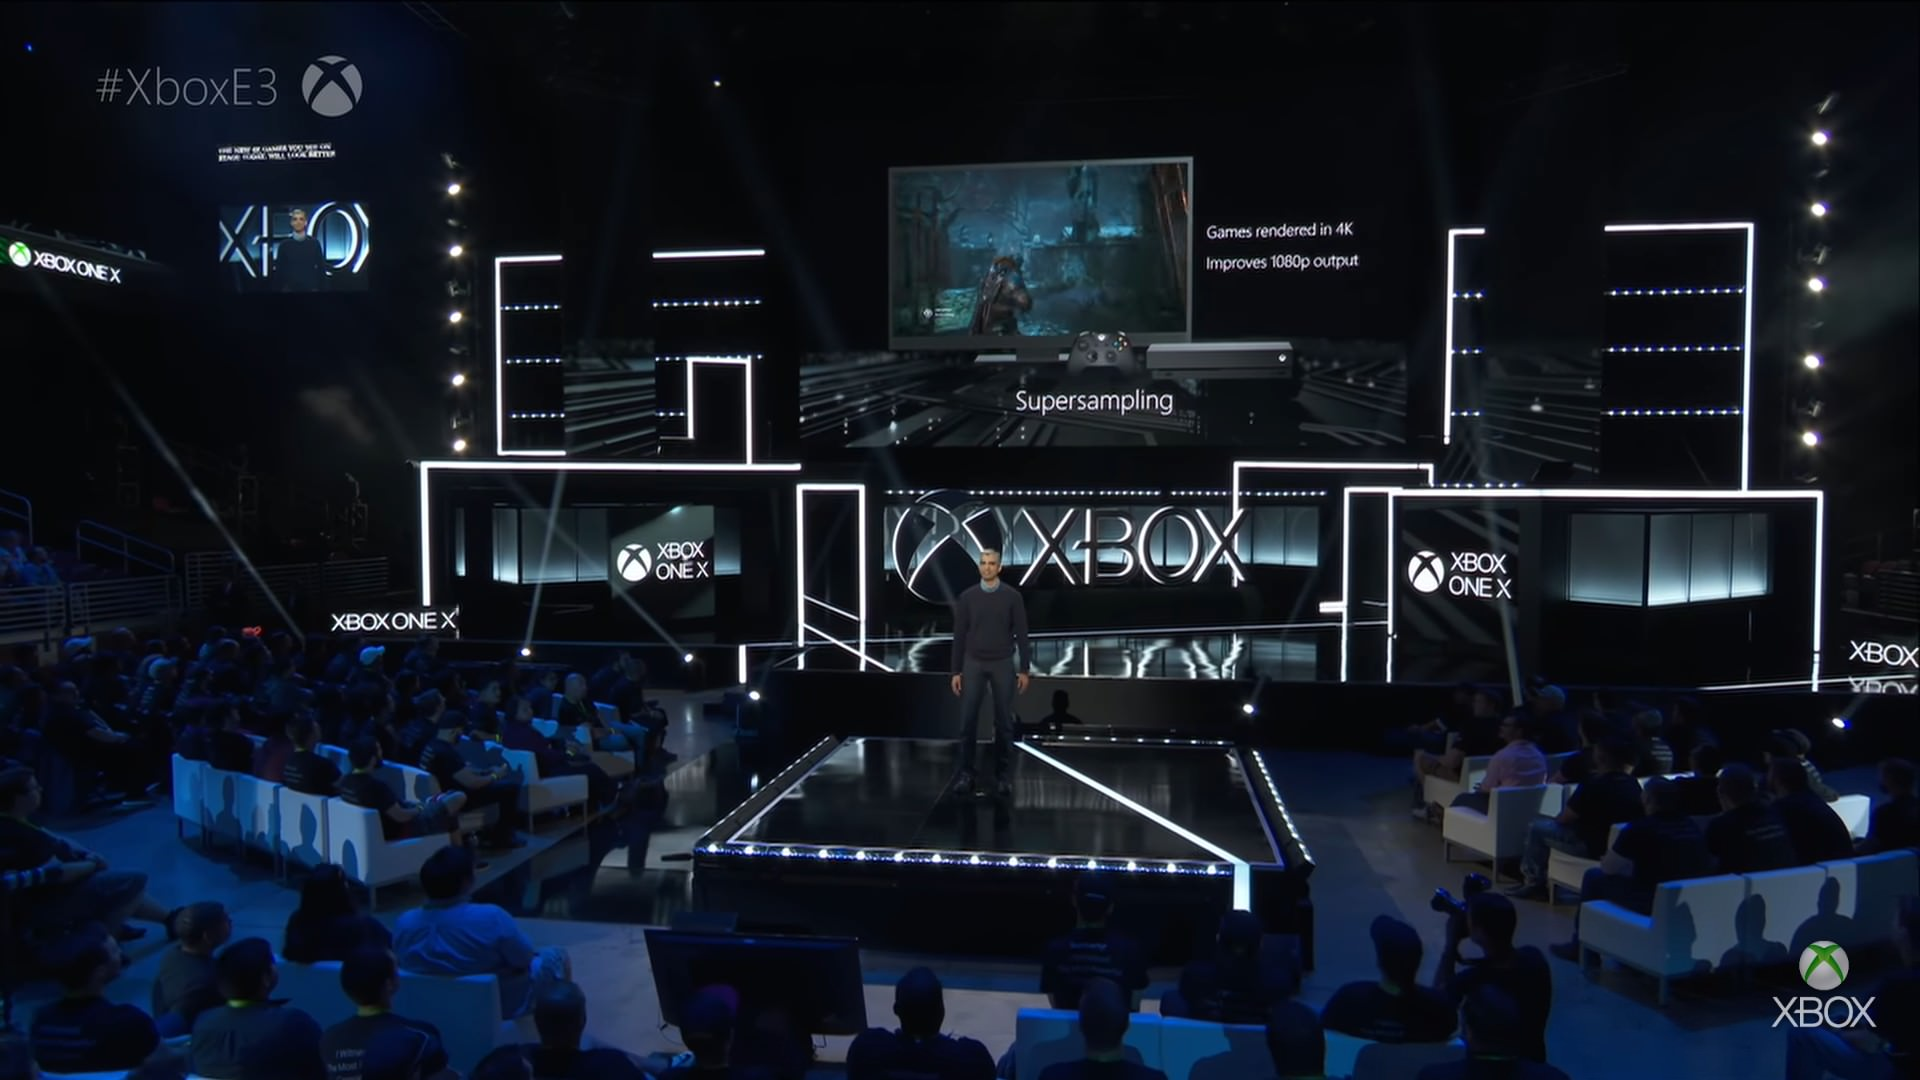 OjS6DkLaX5frC - 【朗報】PS4Proの新機能、スーパーサンプリングが凄すぎる!これもうOneX超えただろ